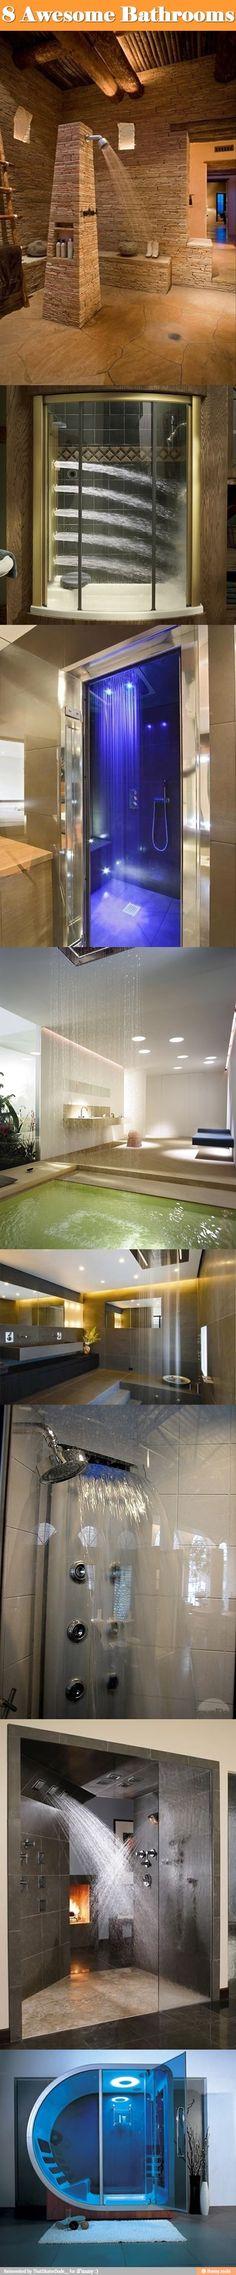 Beautiful bathrooms / iFunny :)